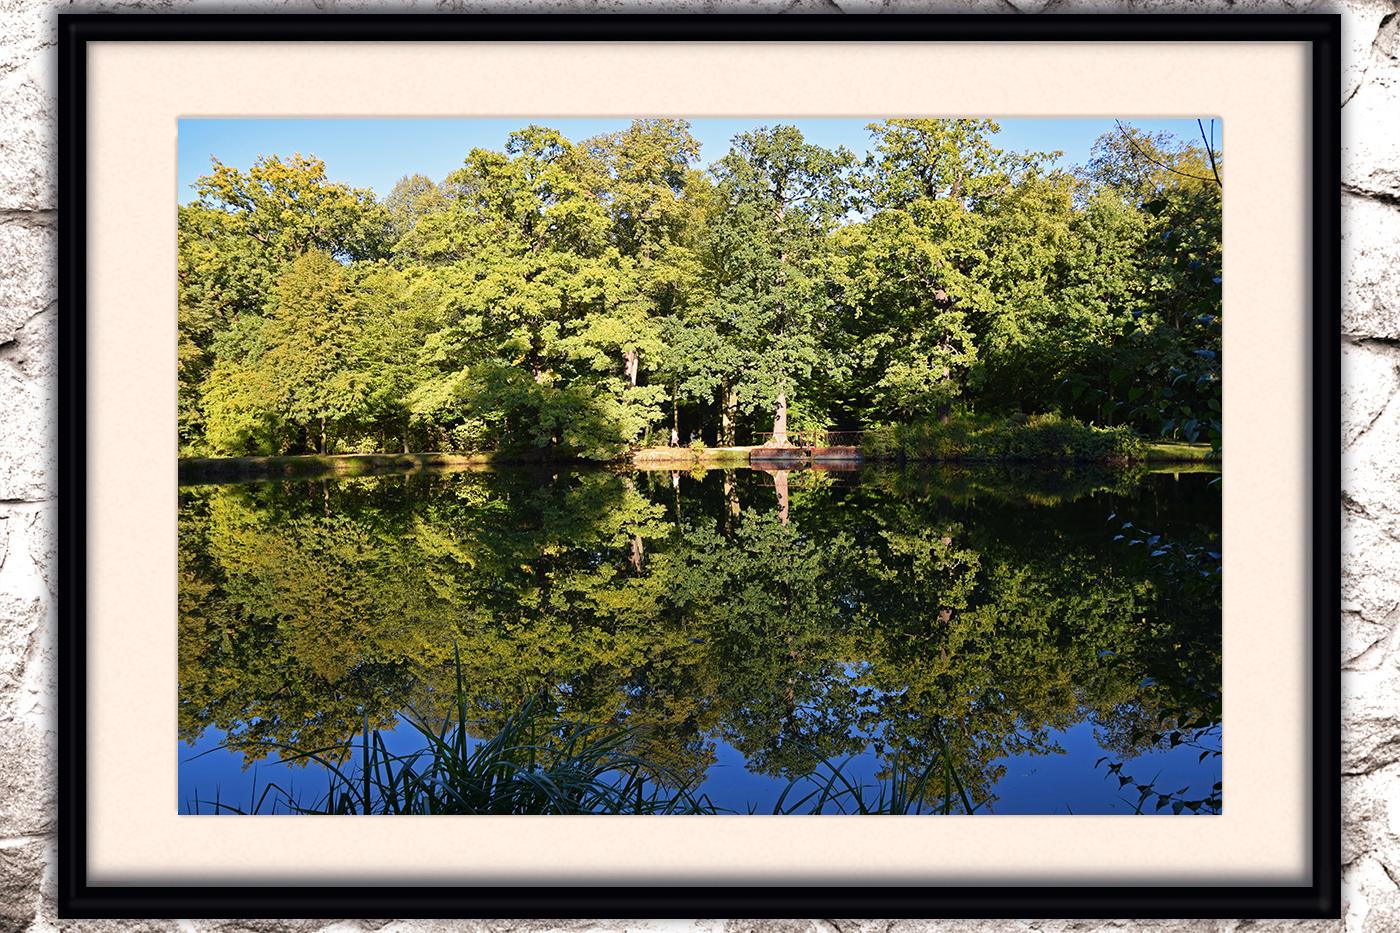 Nature photo, landscape photo, summer photo, sunset photo example image 6